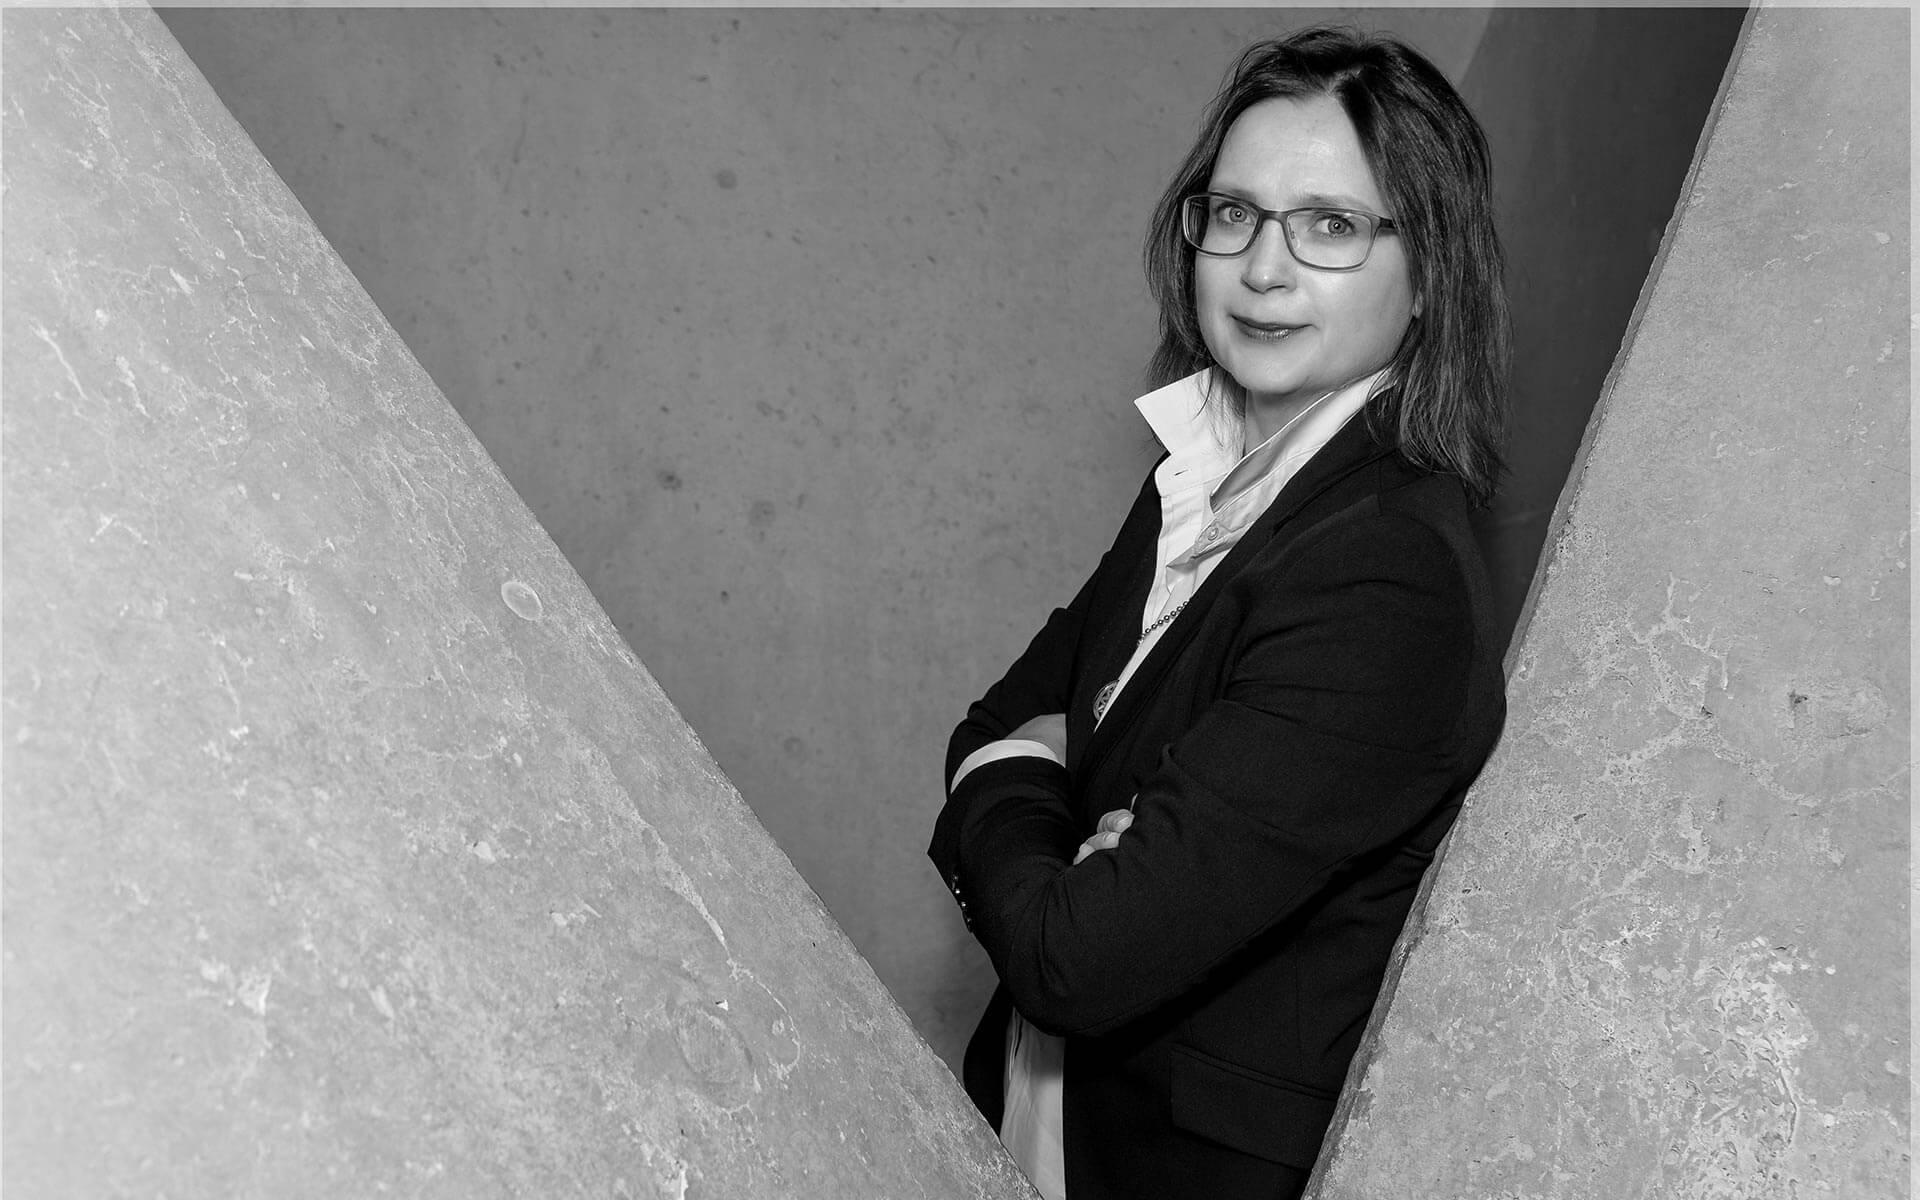 Katja Raschke